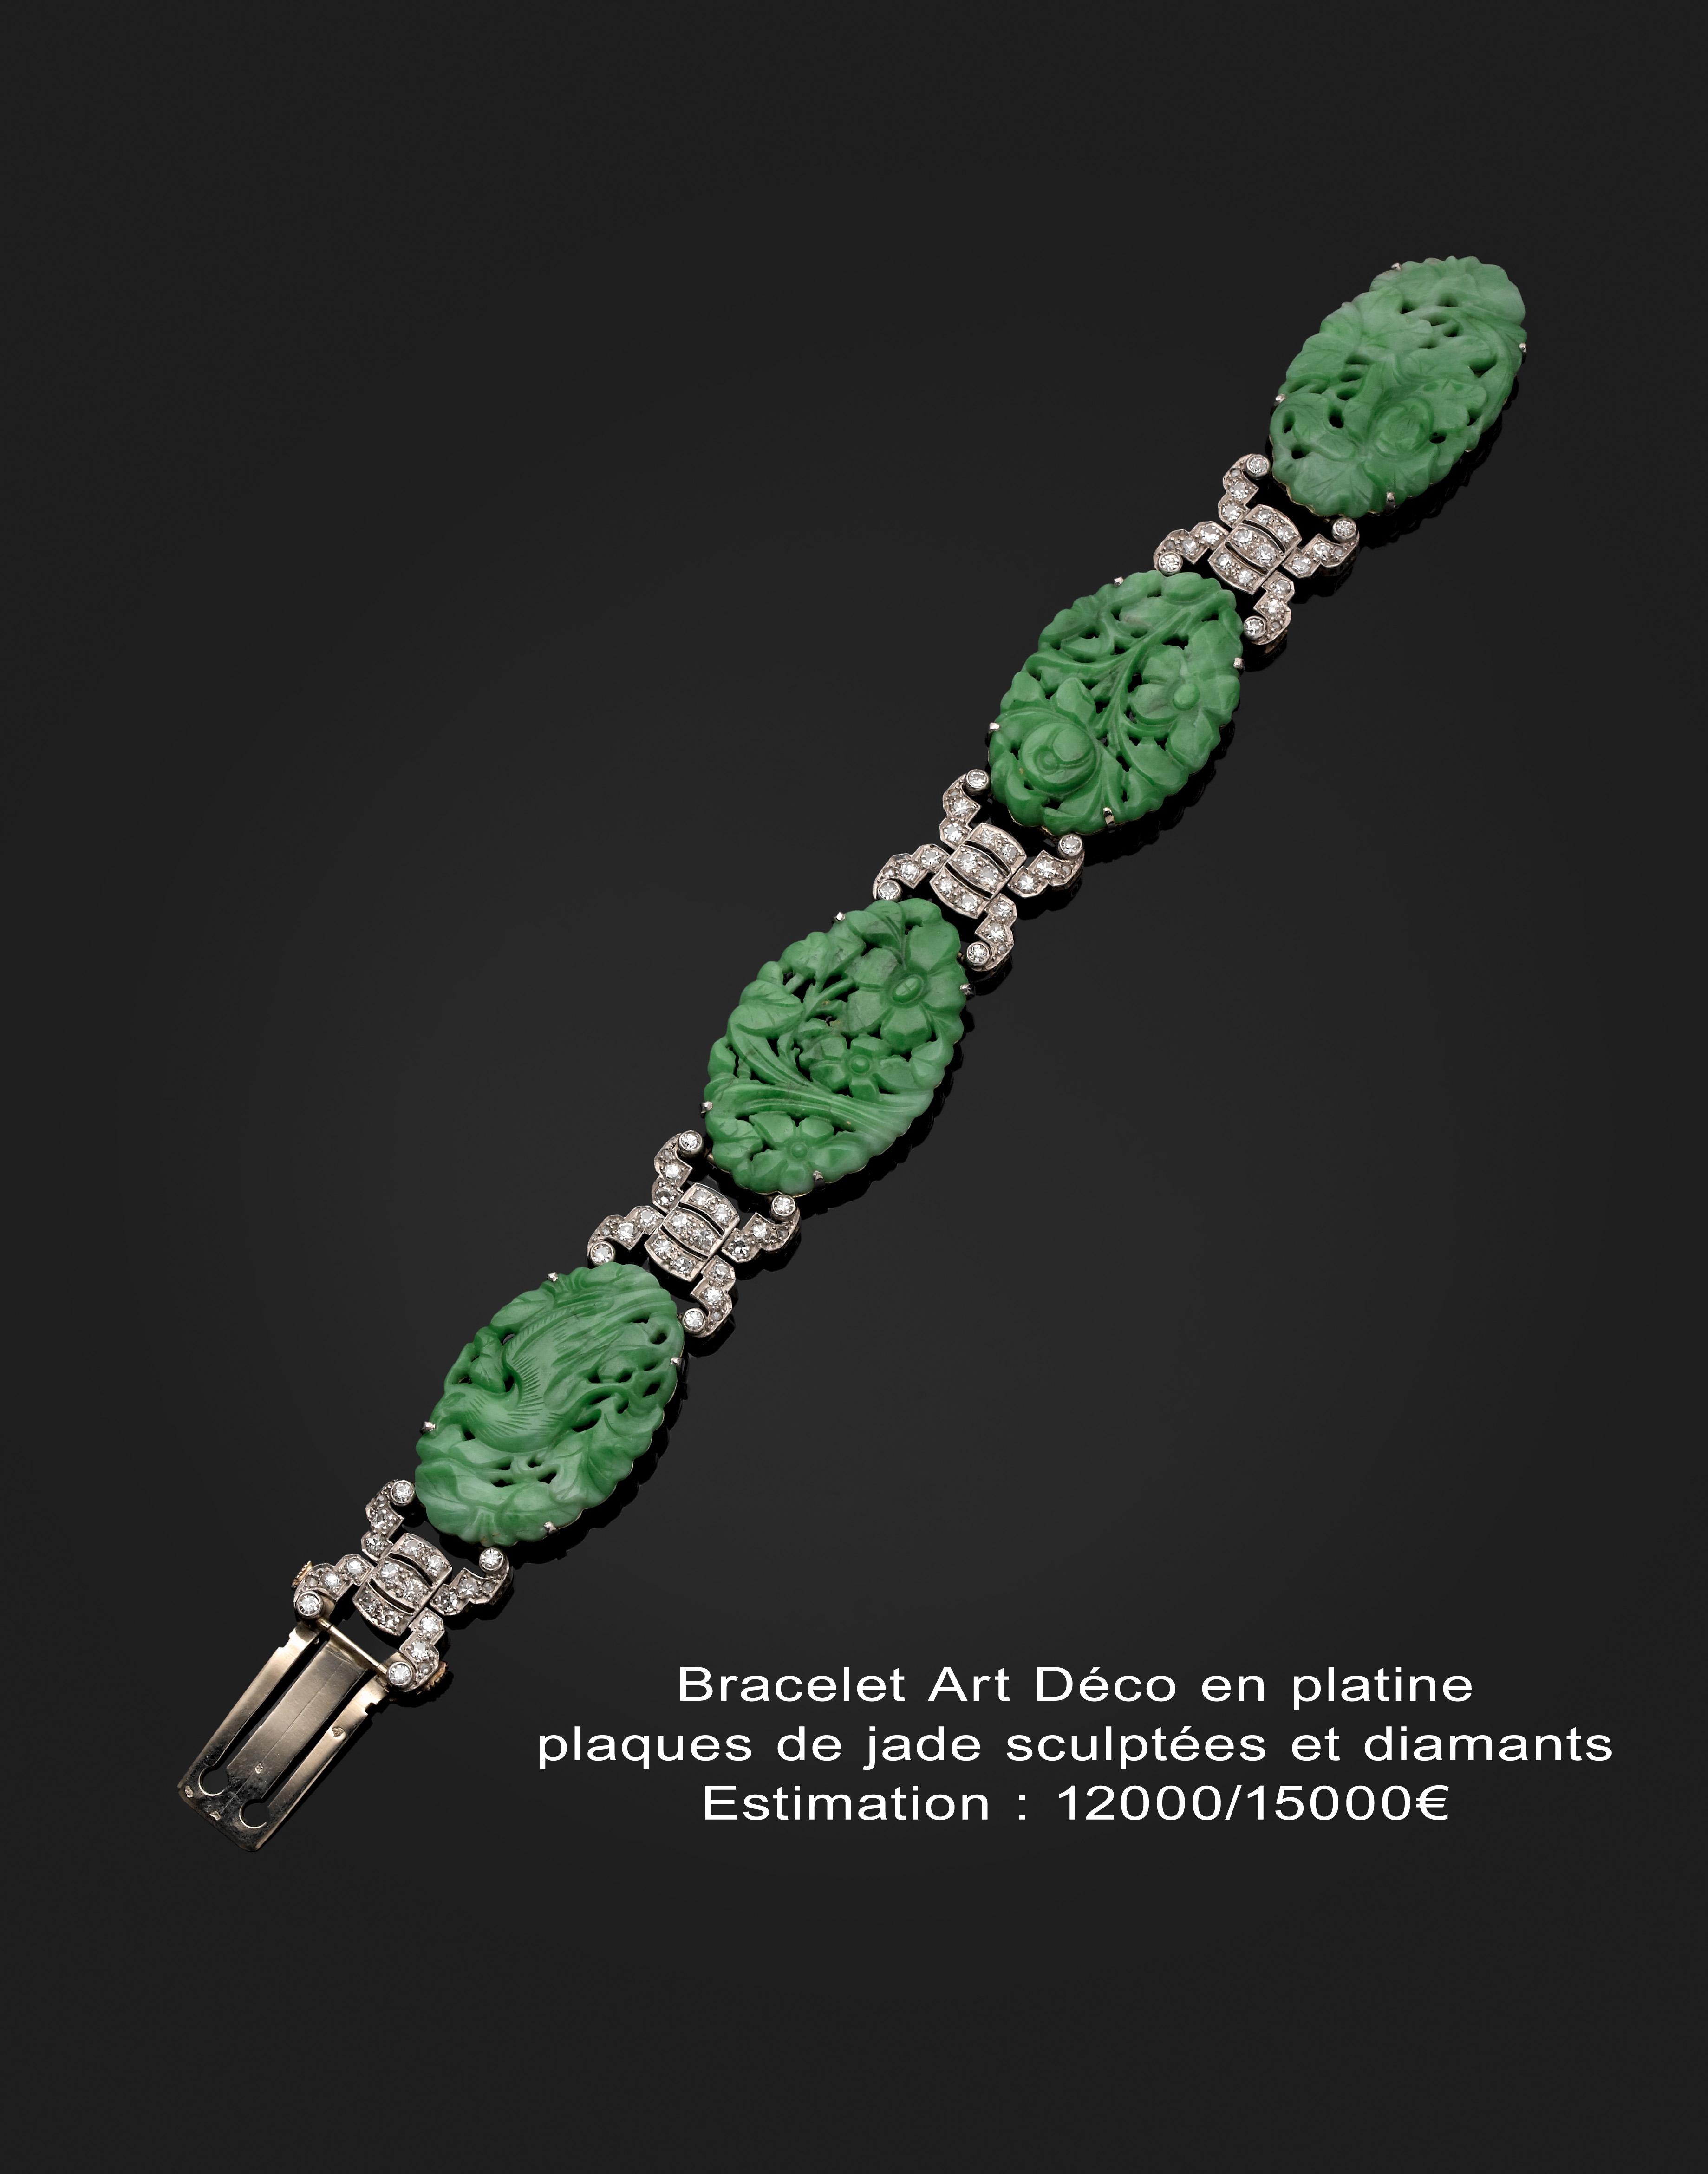 Ventes venir bracelet art deco chantal beauvois for Art et decoration 2012